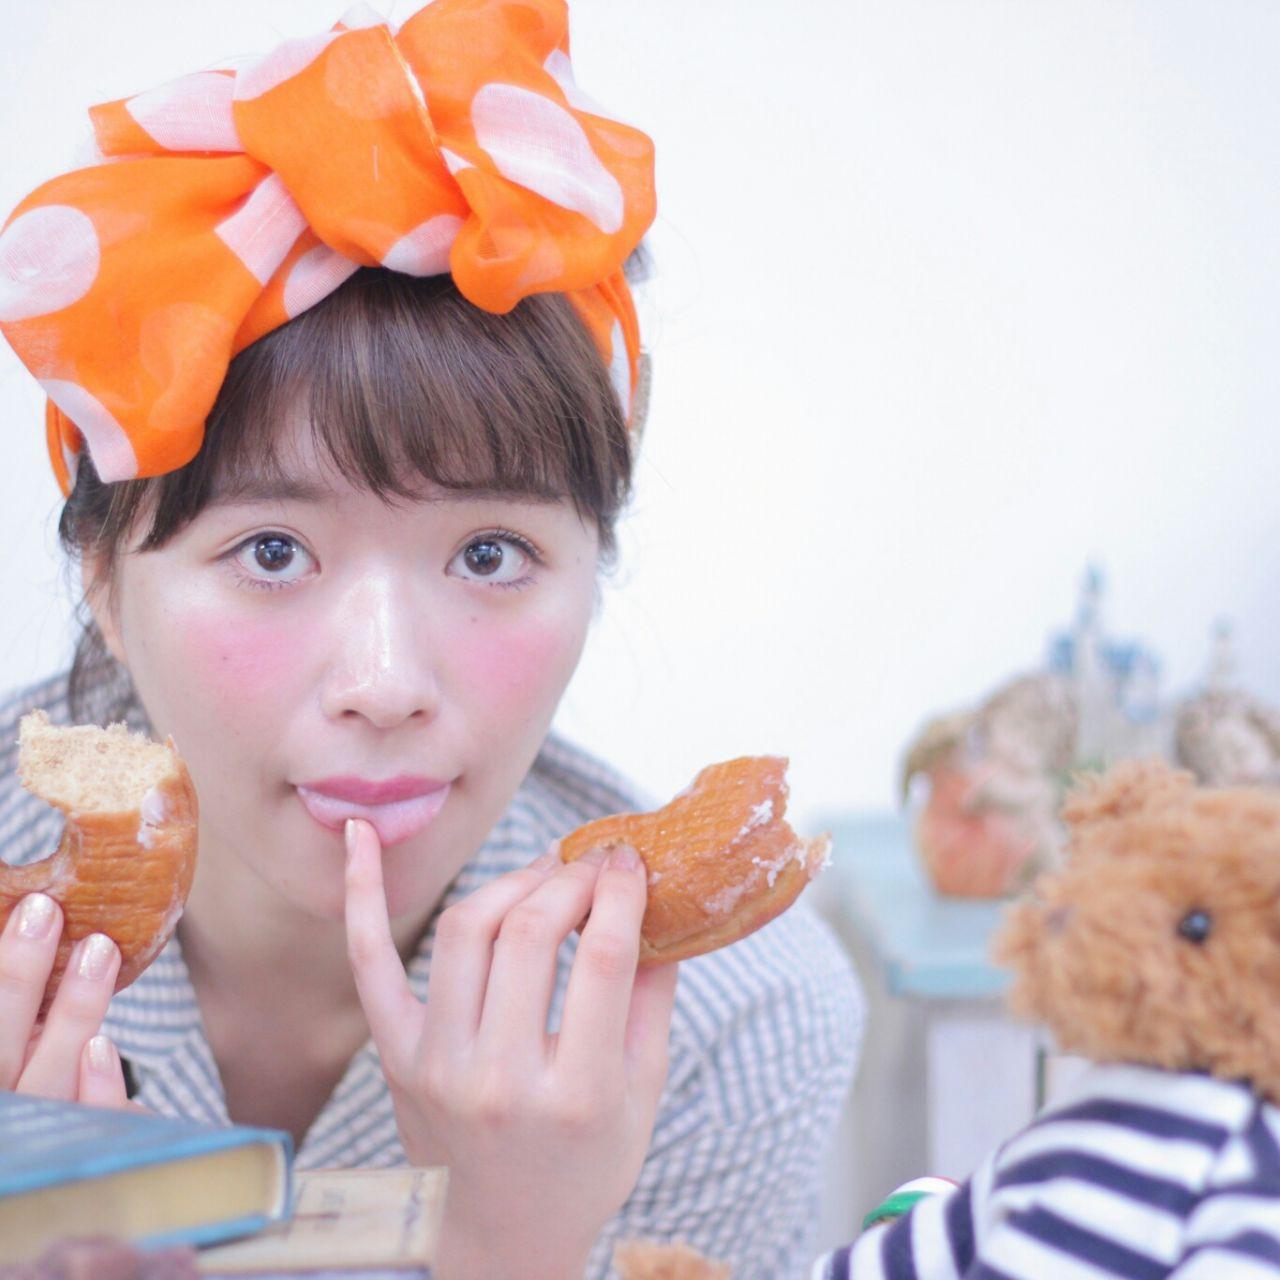 バンダナを使った髪型で可愛さUP♡とっておきアレンジ特集 Wataru Maeda